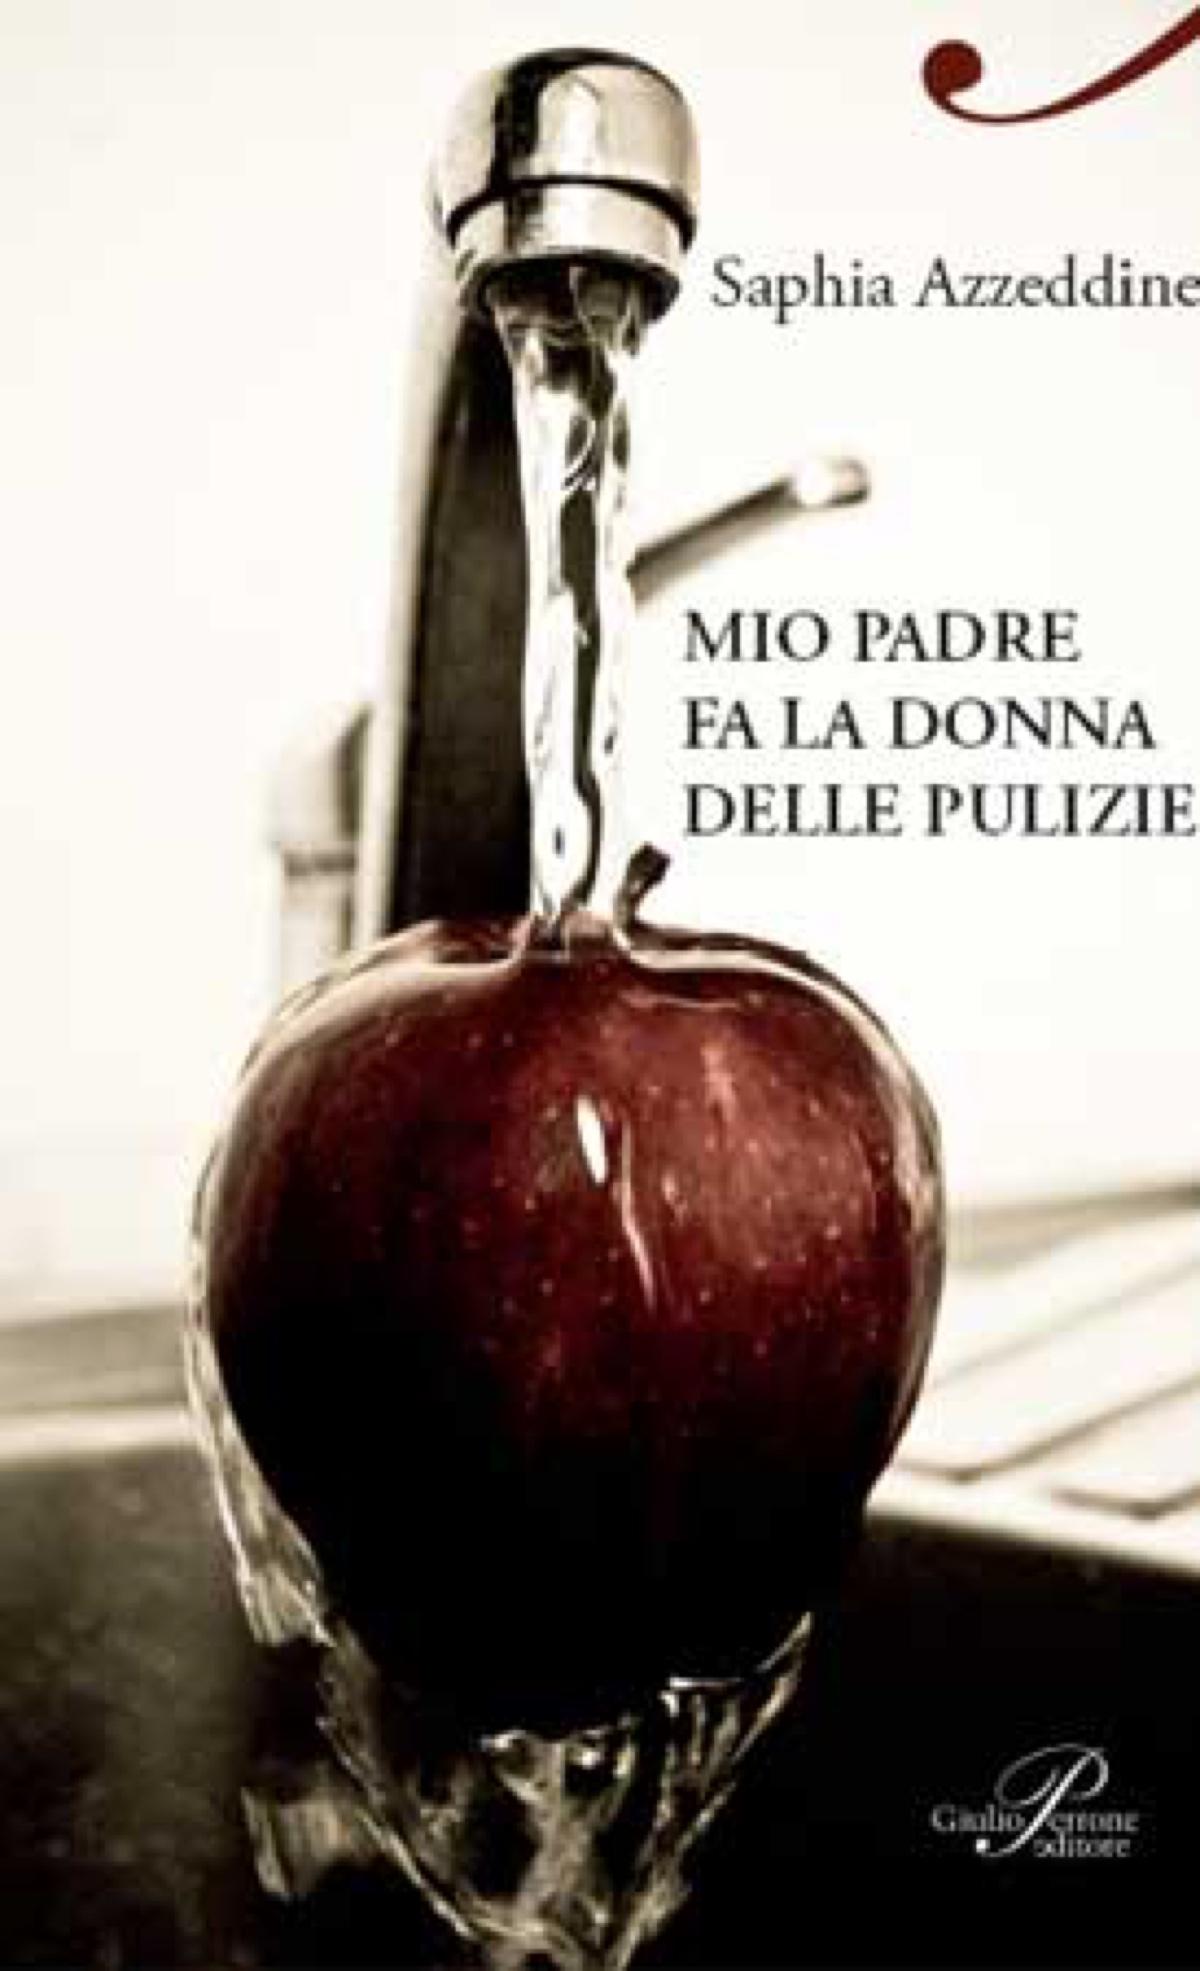 mio_padre_pulizie